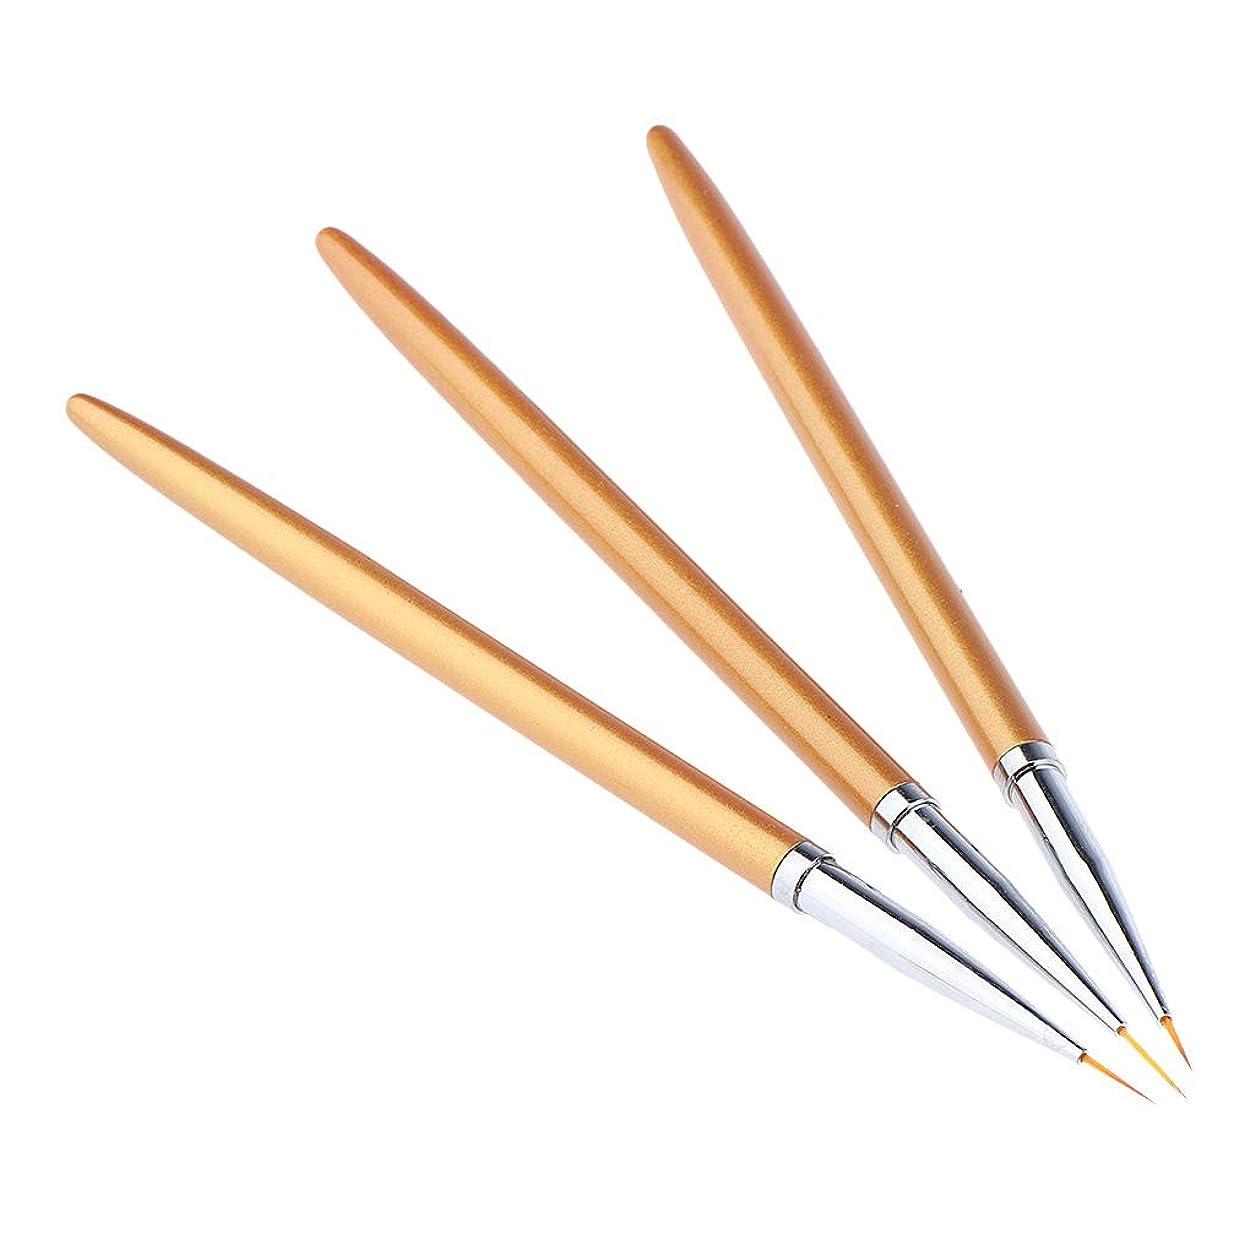 アカウント構成異なるPerfeclan ネイルアートペン ネイルブラシセット ネイルアートブラシ 絵画ペン 3本入り